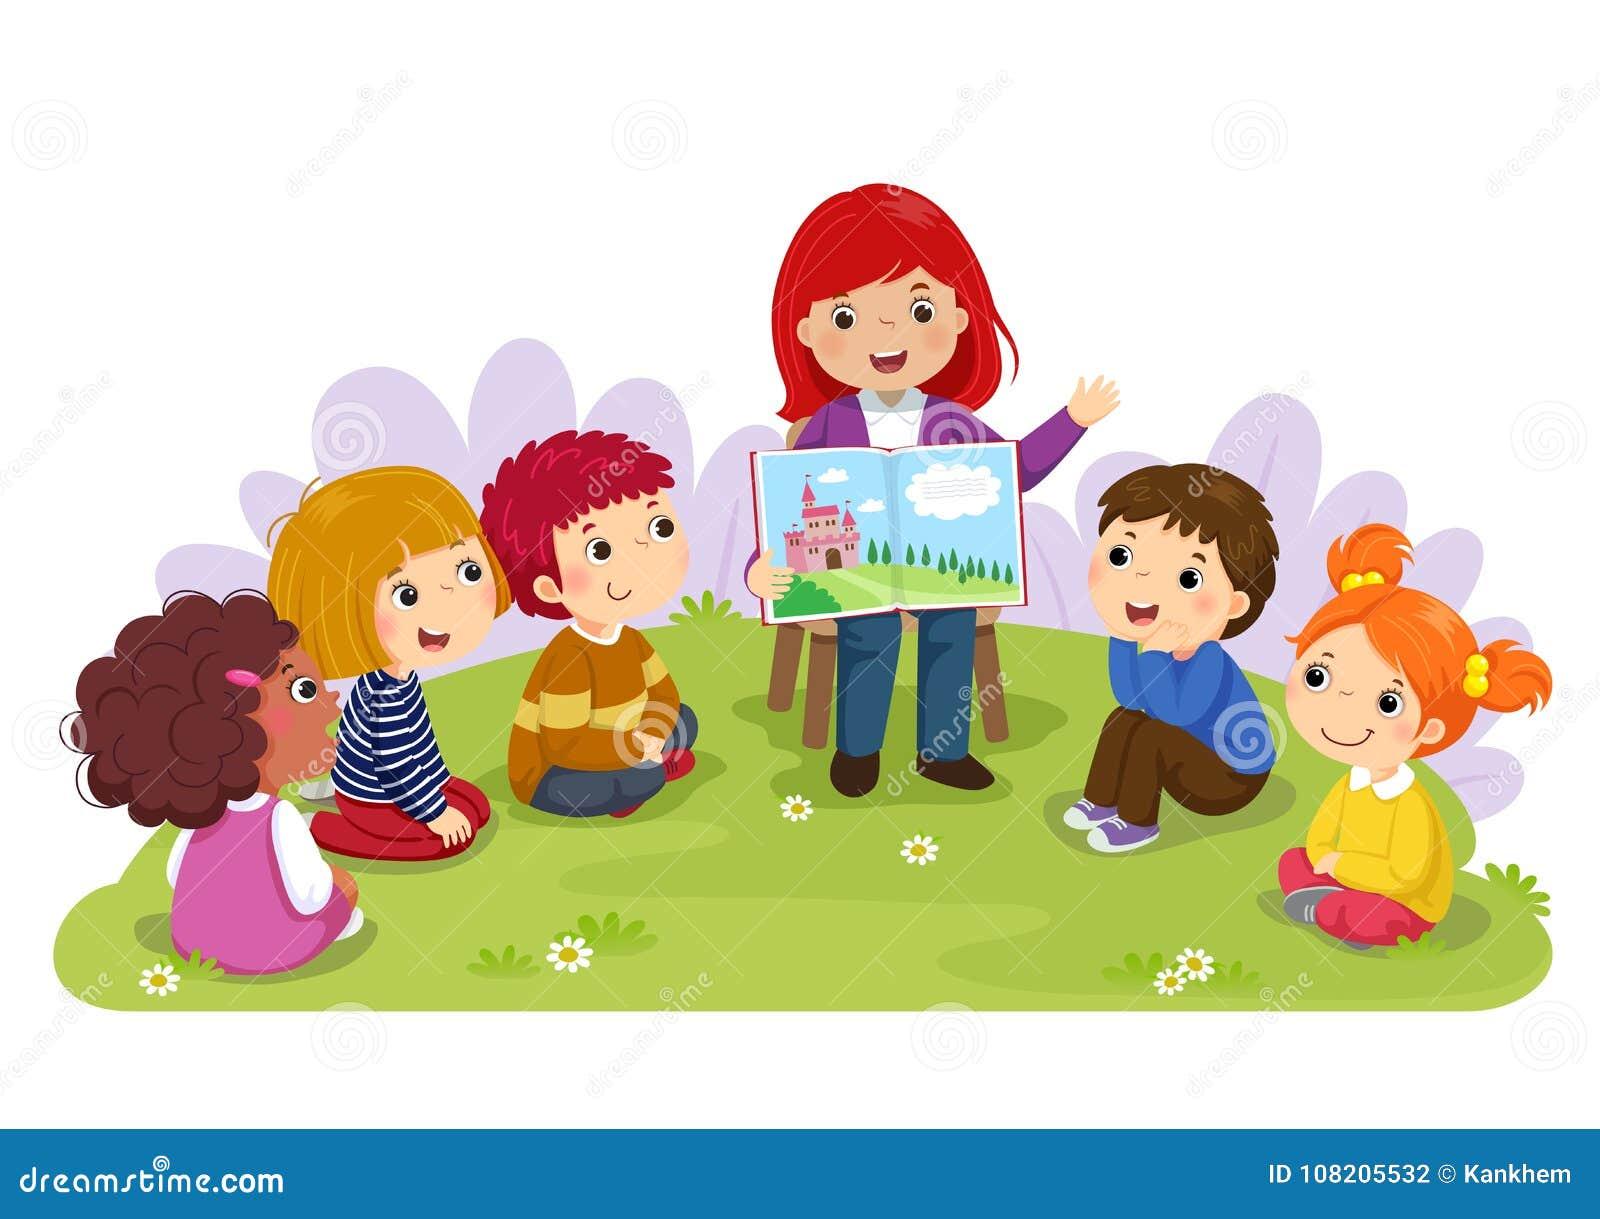 Δάσκαλος που λέει μια ιστορία στα παιδιά βρεφικών σταθμών στον κήπο